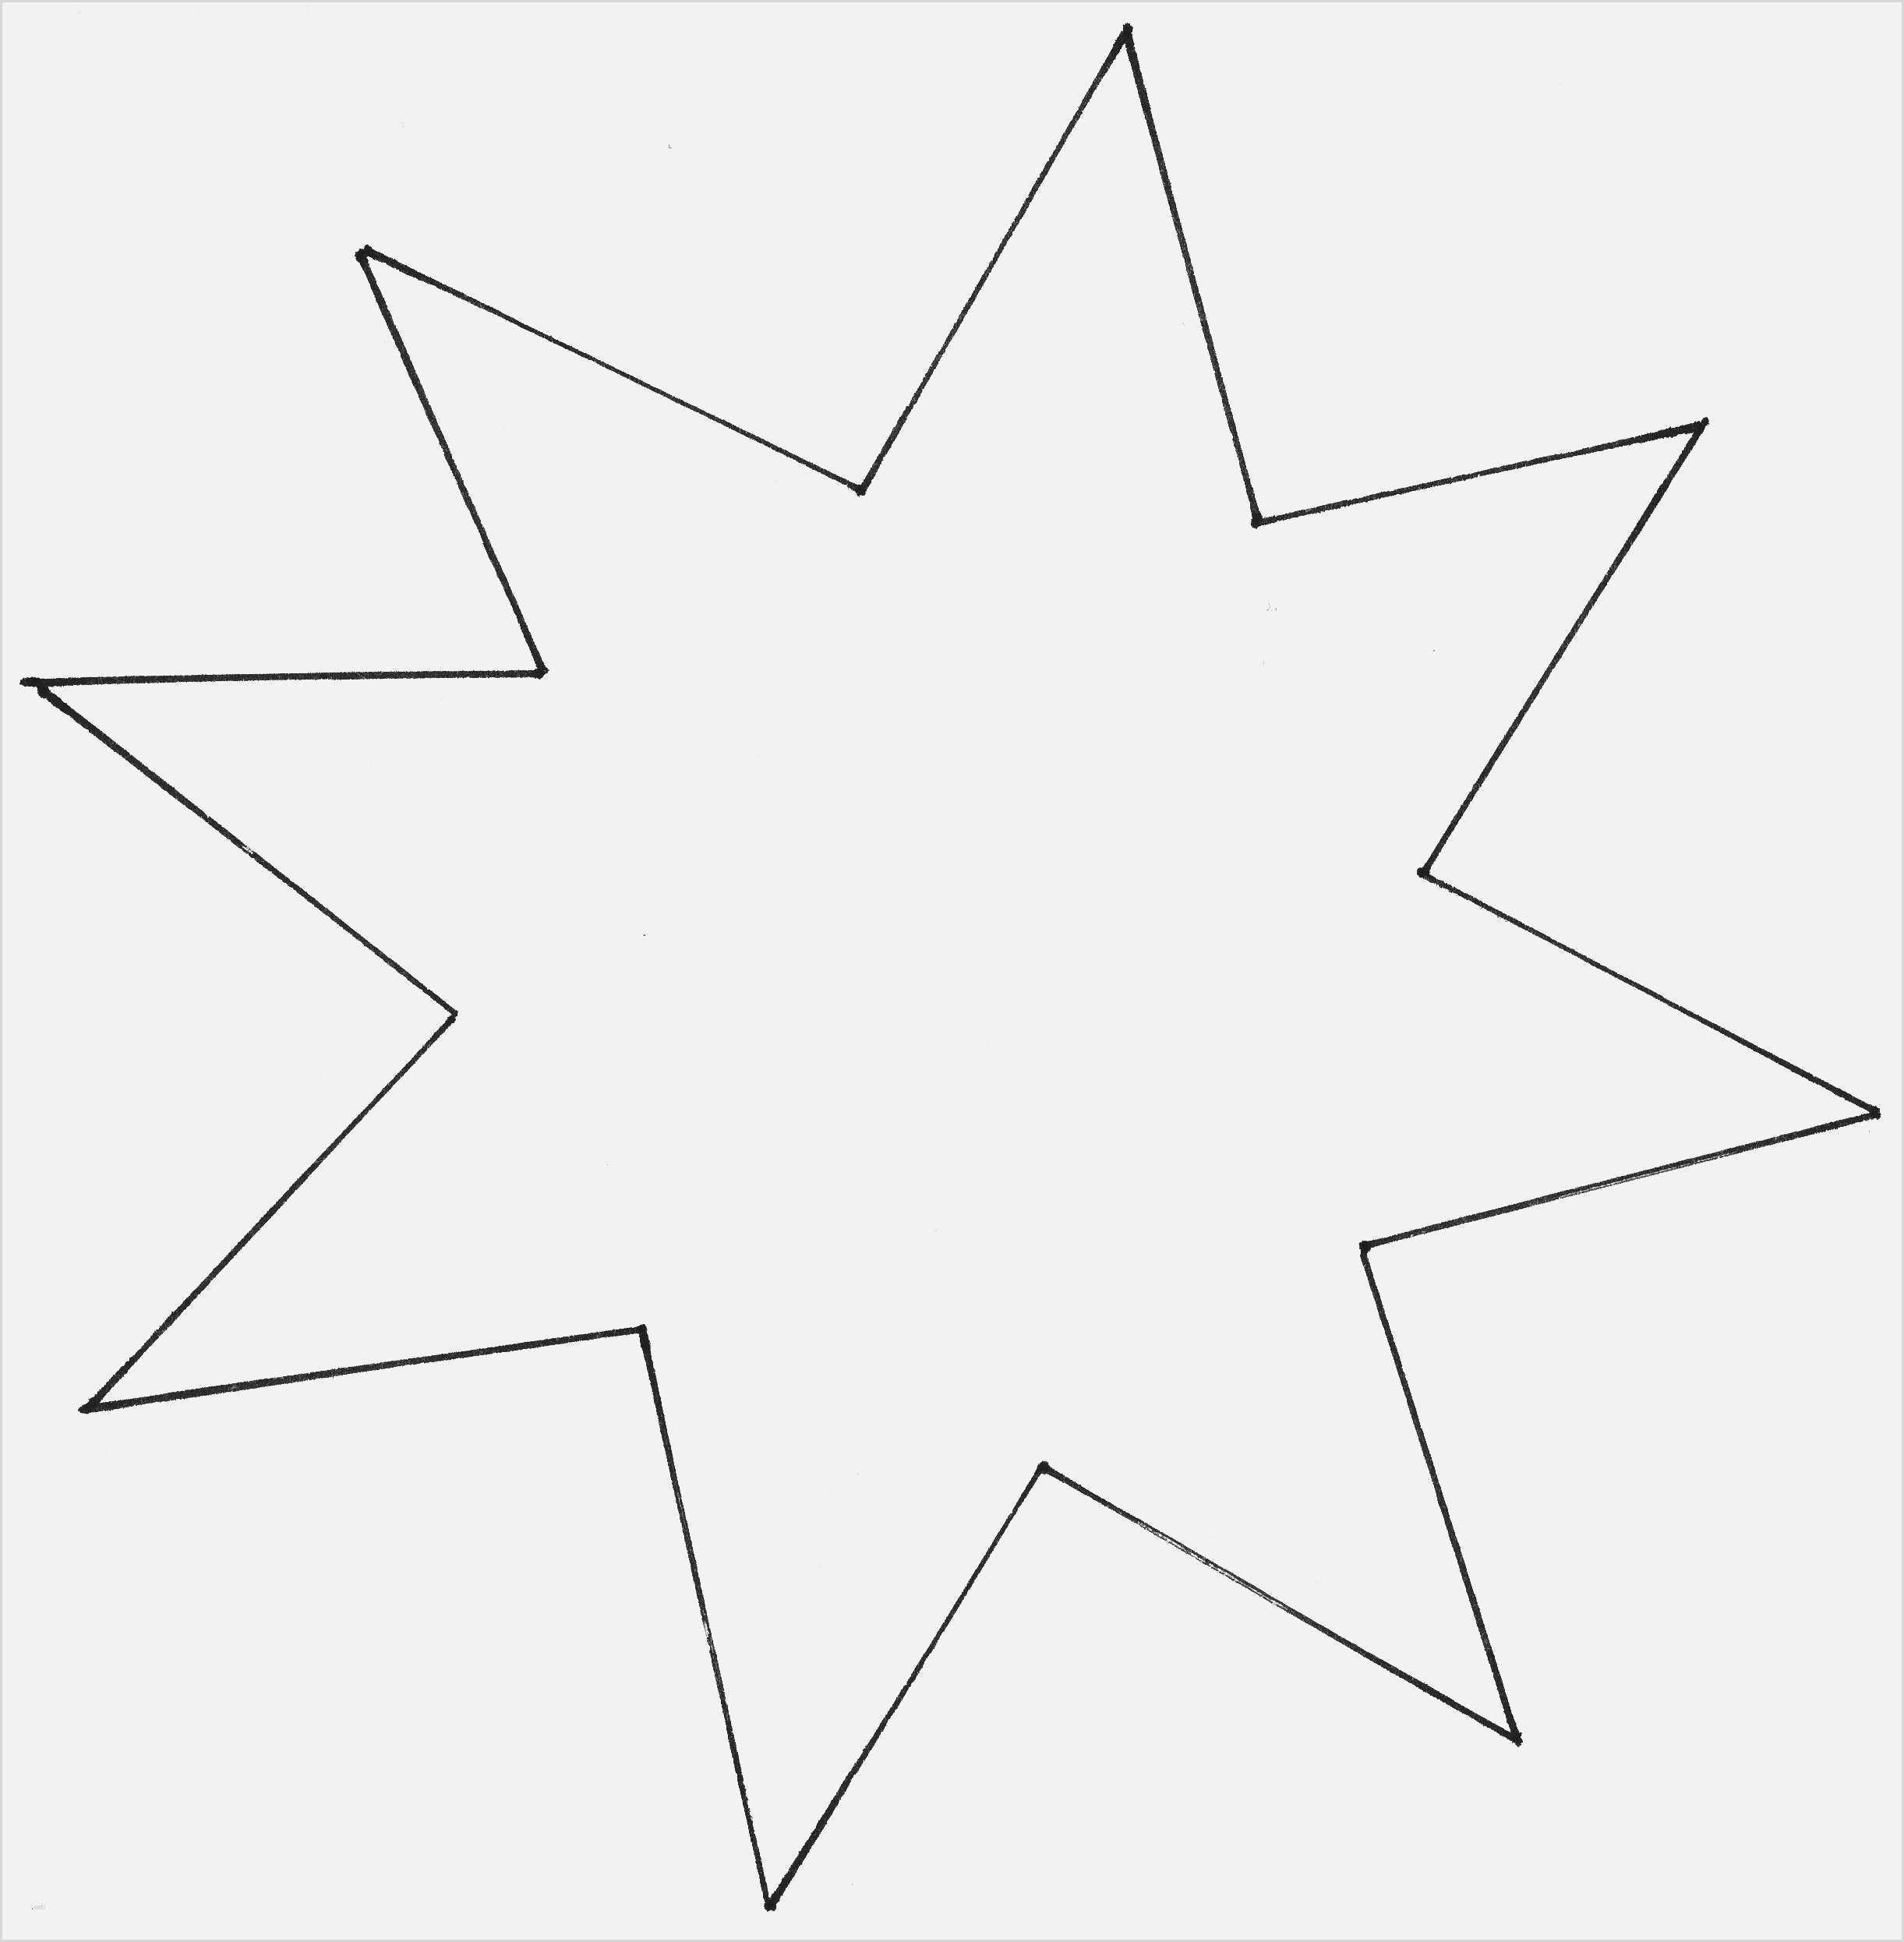 Pin Von Paige Sickles Auf Templates Sterne Basteln Vorlage Vorlage Stern Sterne Zum Ausdrucken